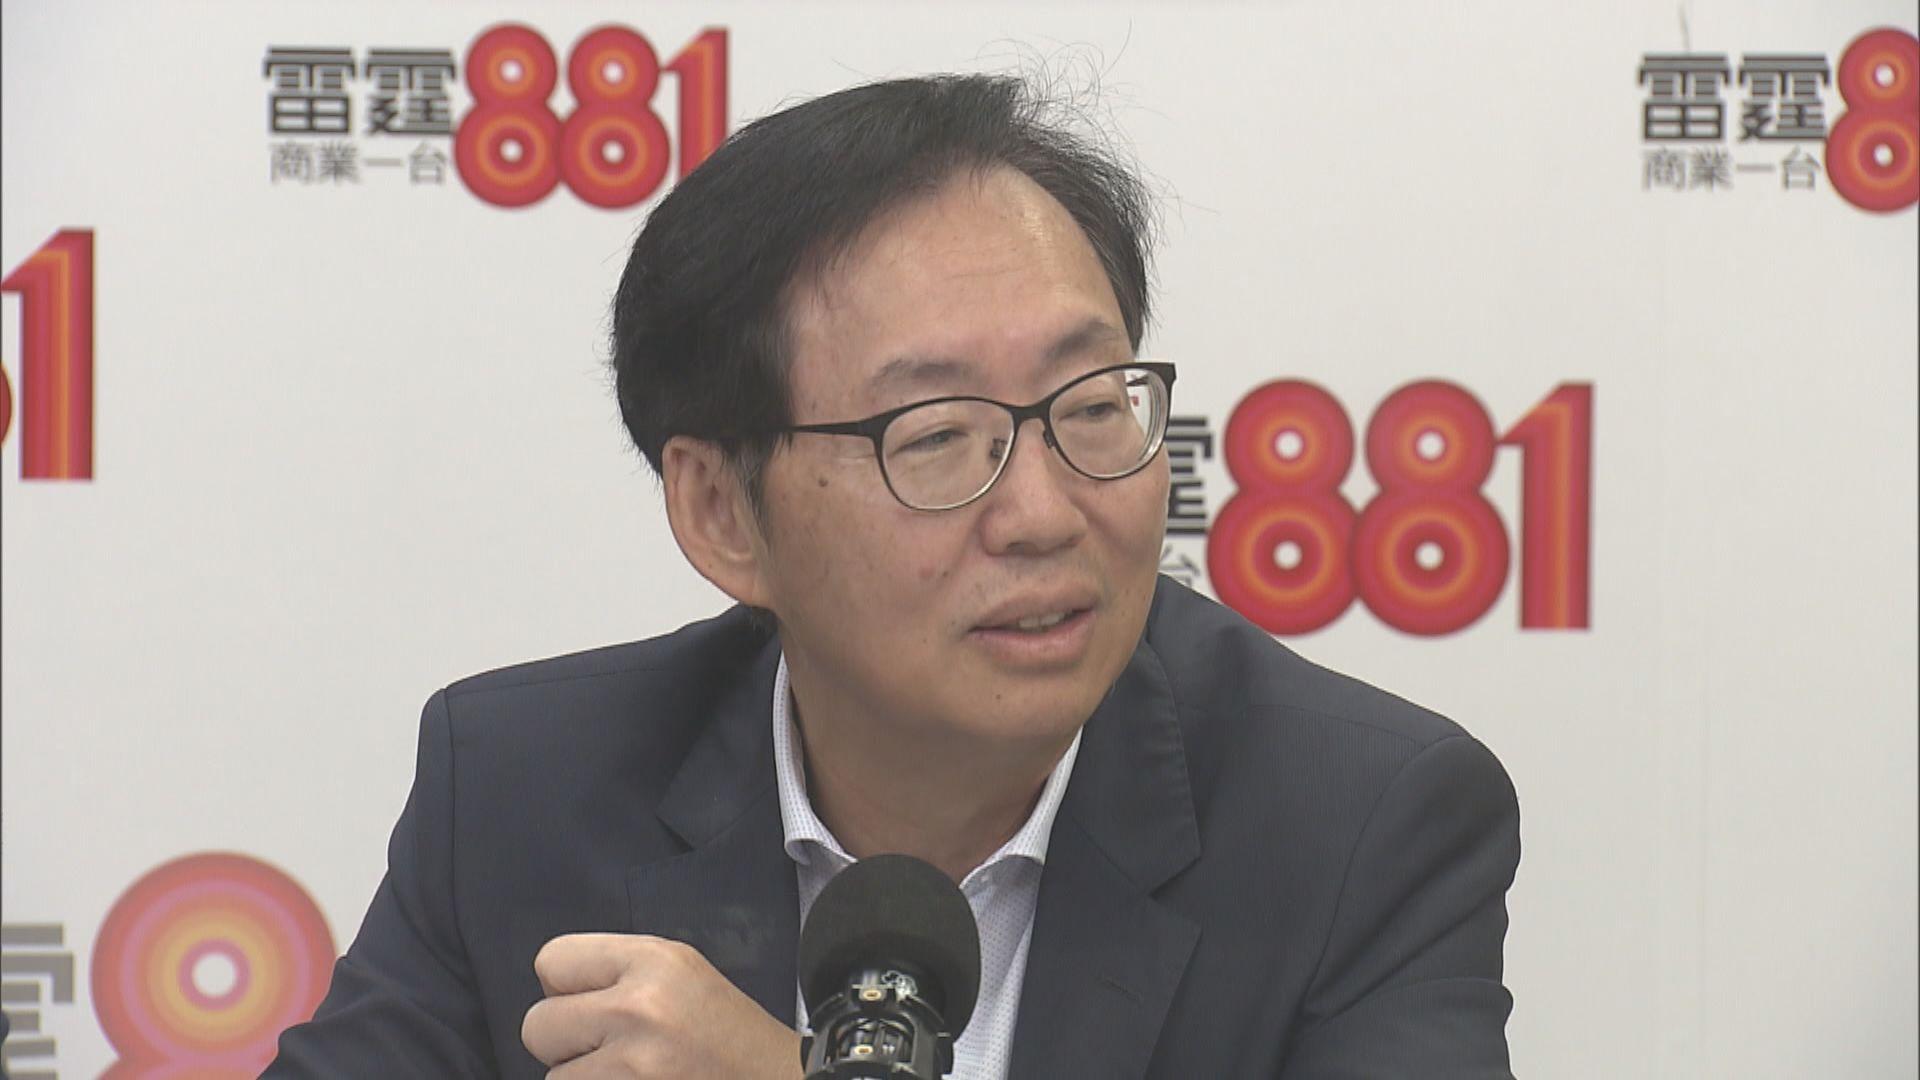 陳健波籲議員集中討論撥款 勿浪費時間